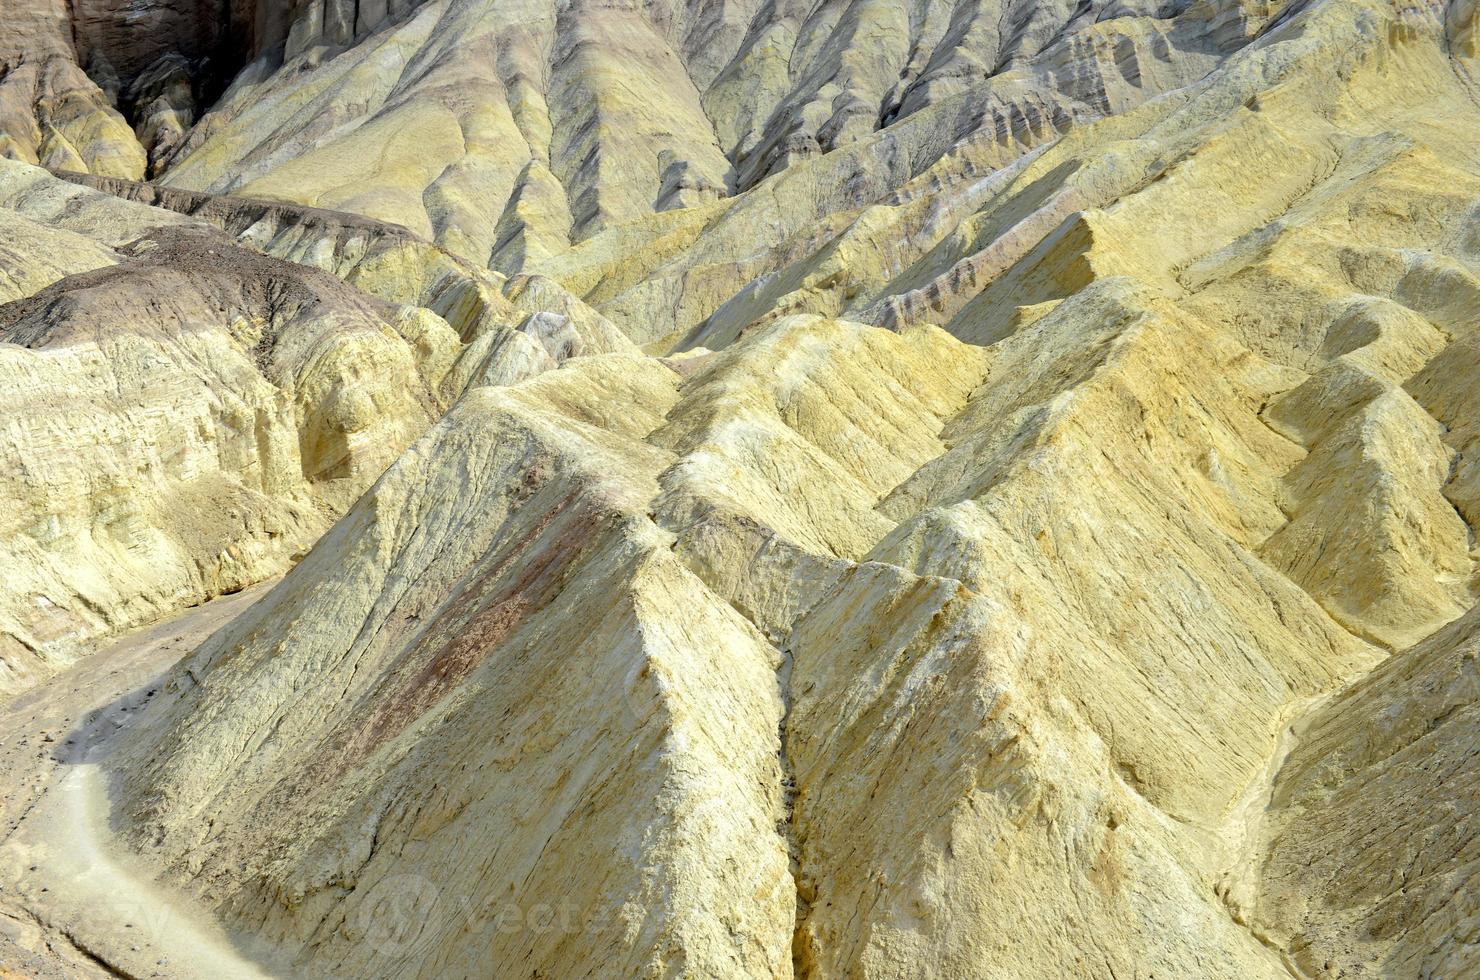 Badlands Desert Landscape, Death Valley National Park photo